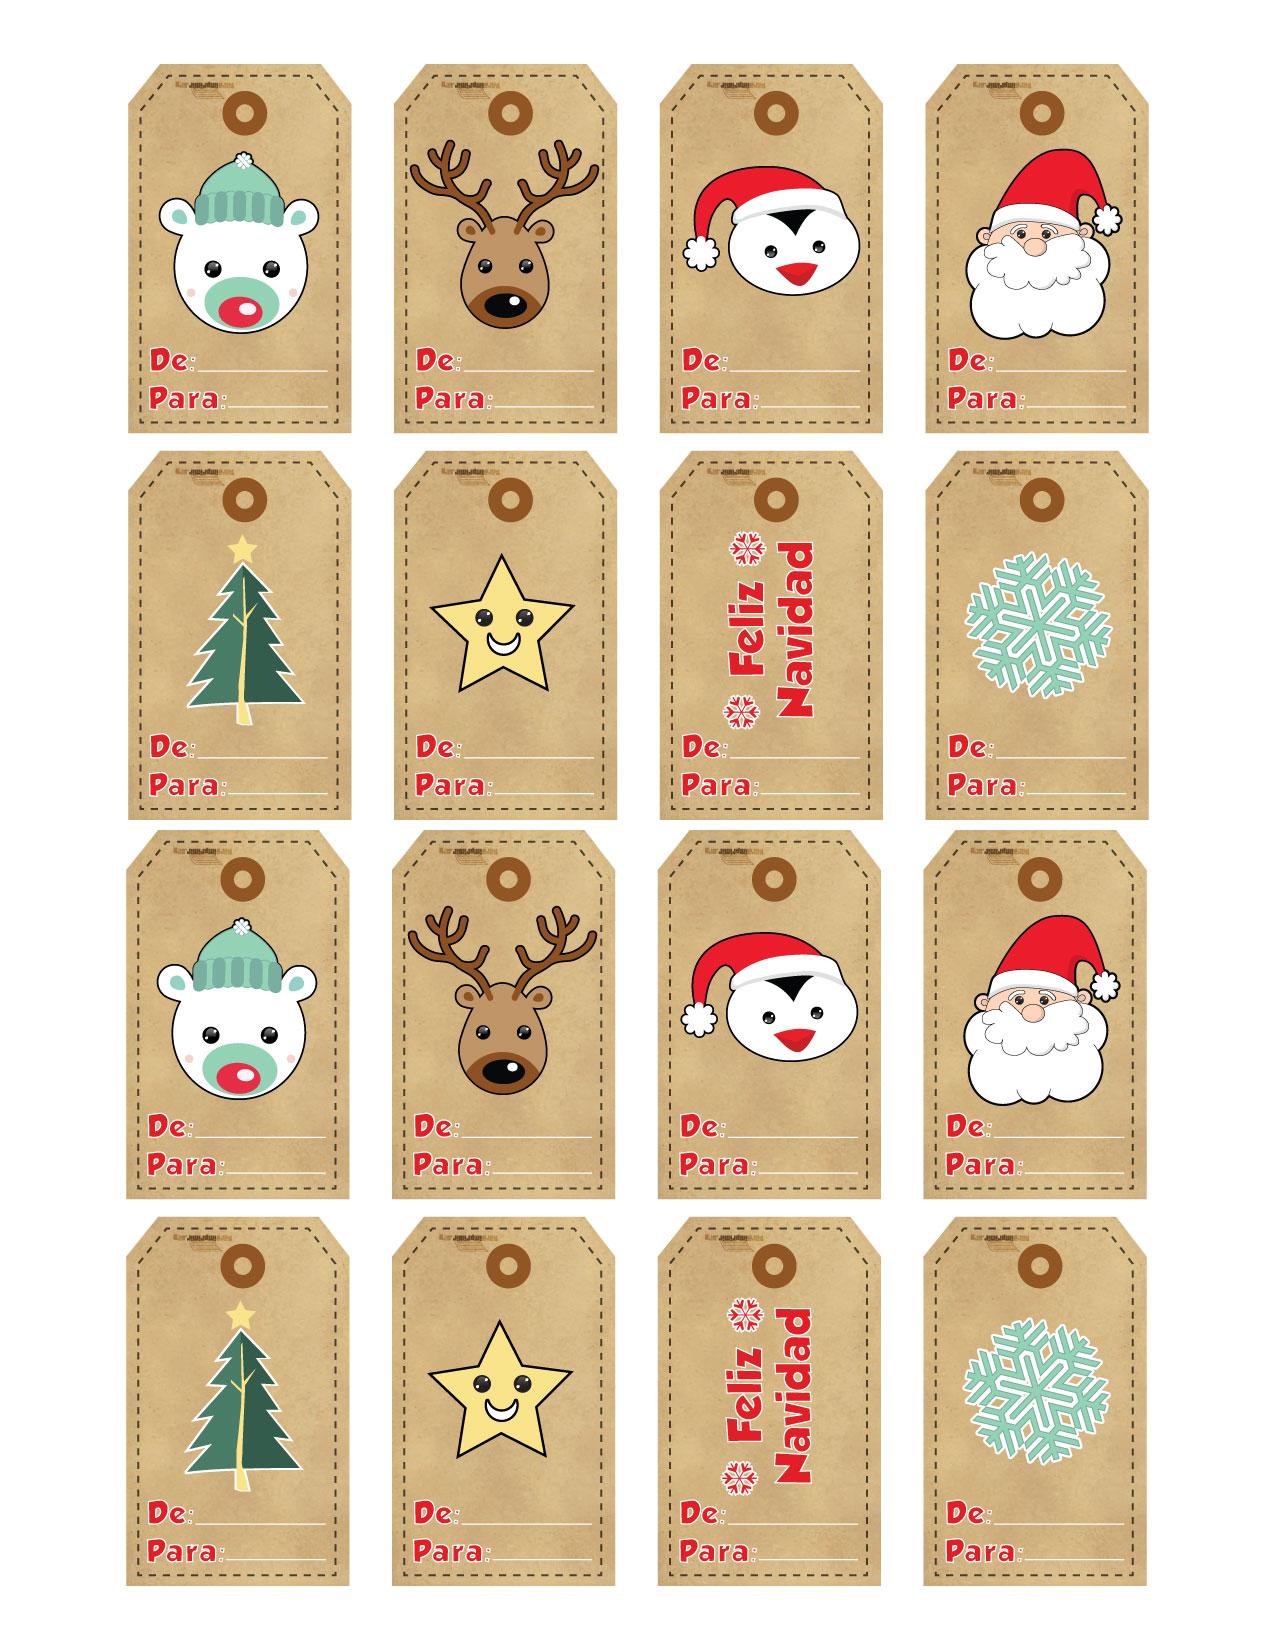 Etiquetas navidad para imprimir - Decorar fotos de navidad gratis ...